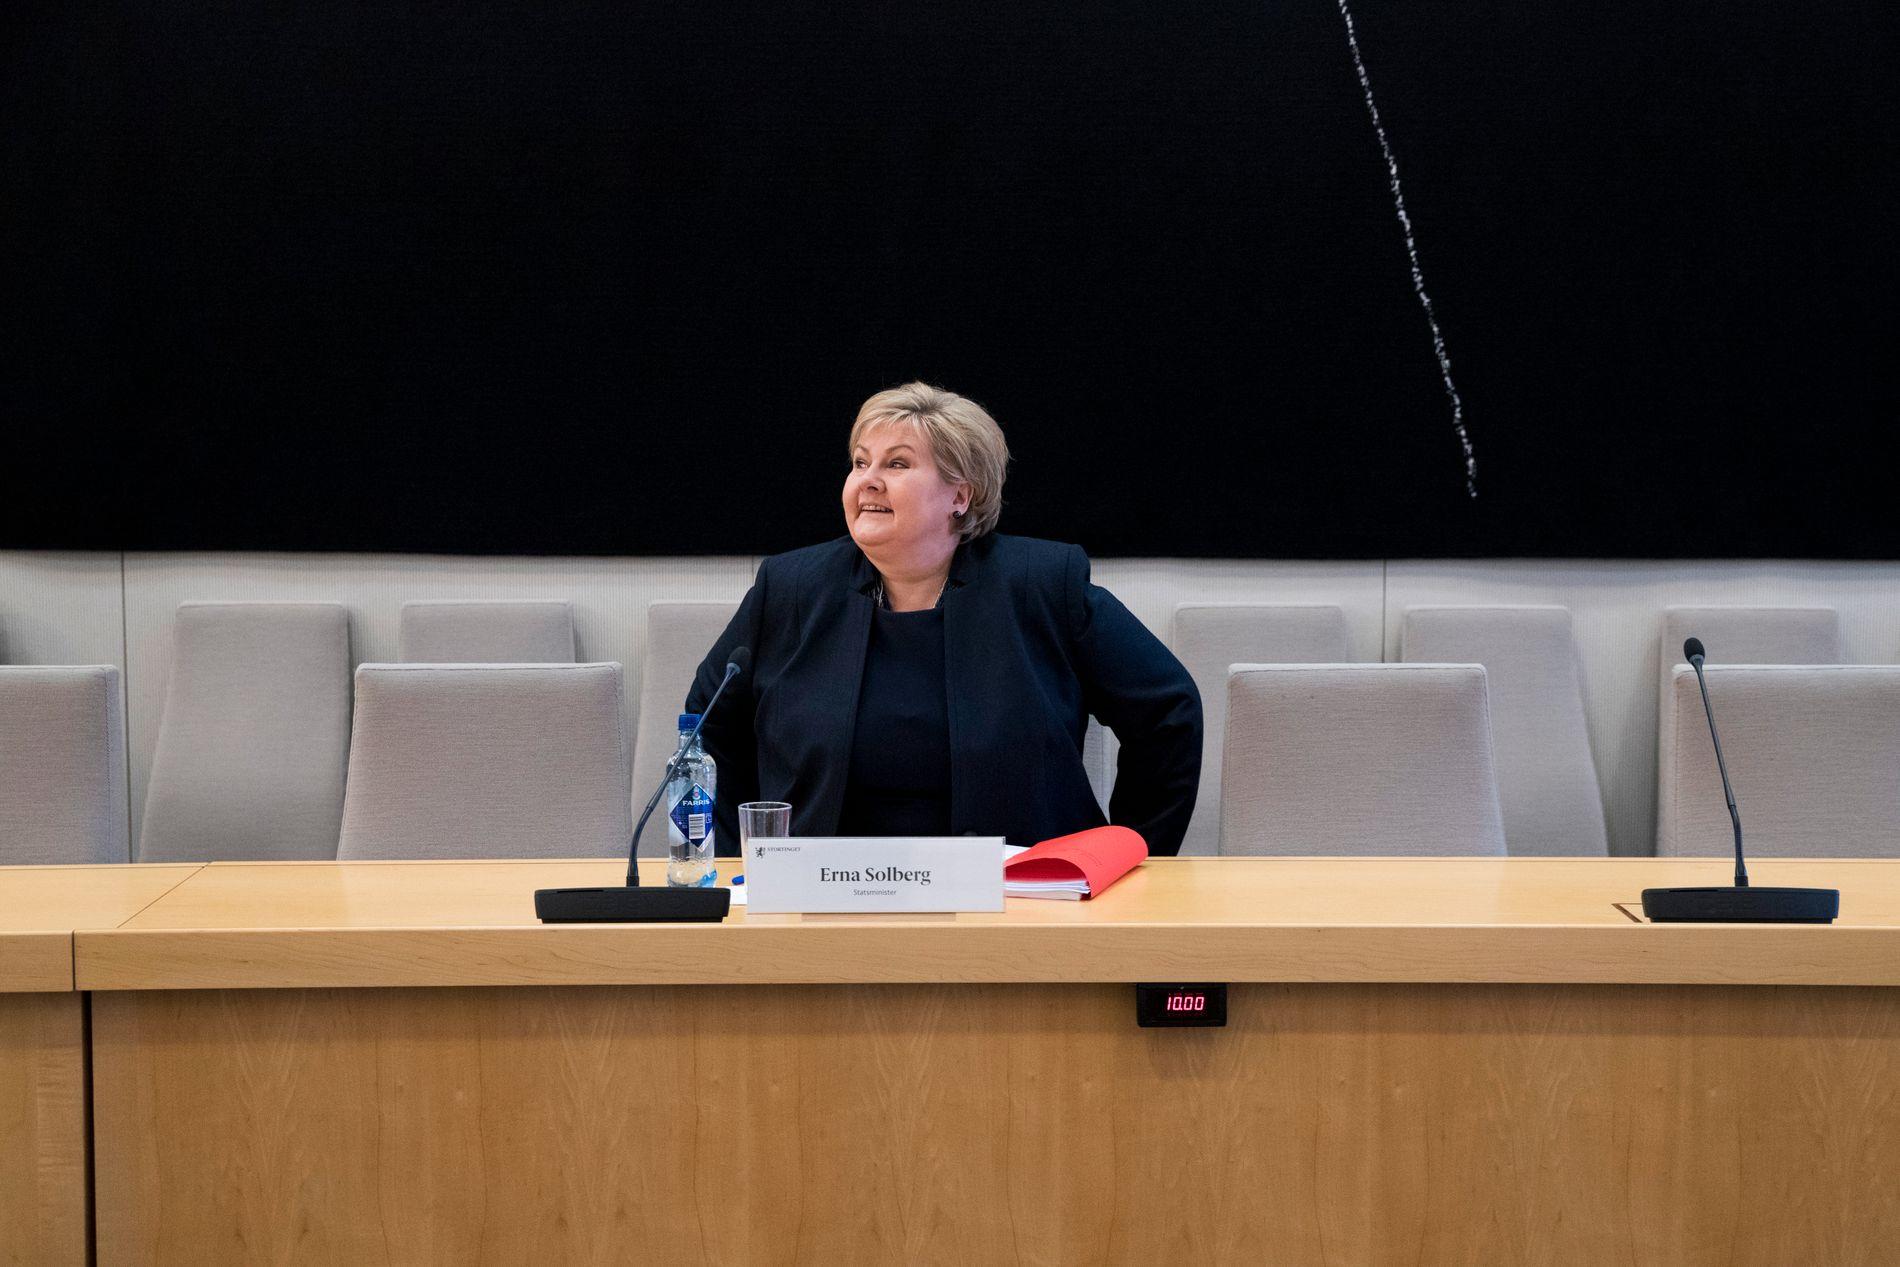 HØRING: Erna Solberg må møte i kontroll- og konstitusjonskomiteen mandag, i etterkant av Riksrevisjonens oppfølgingsrapport om manglende terrorsikring.